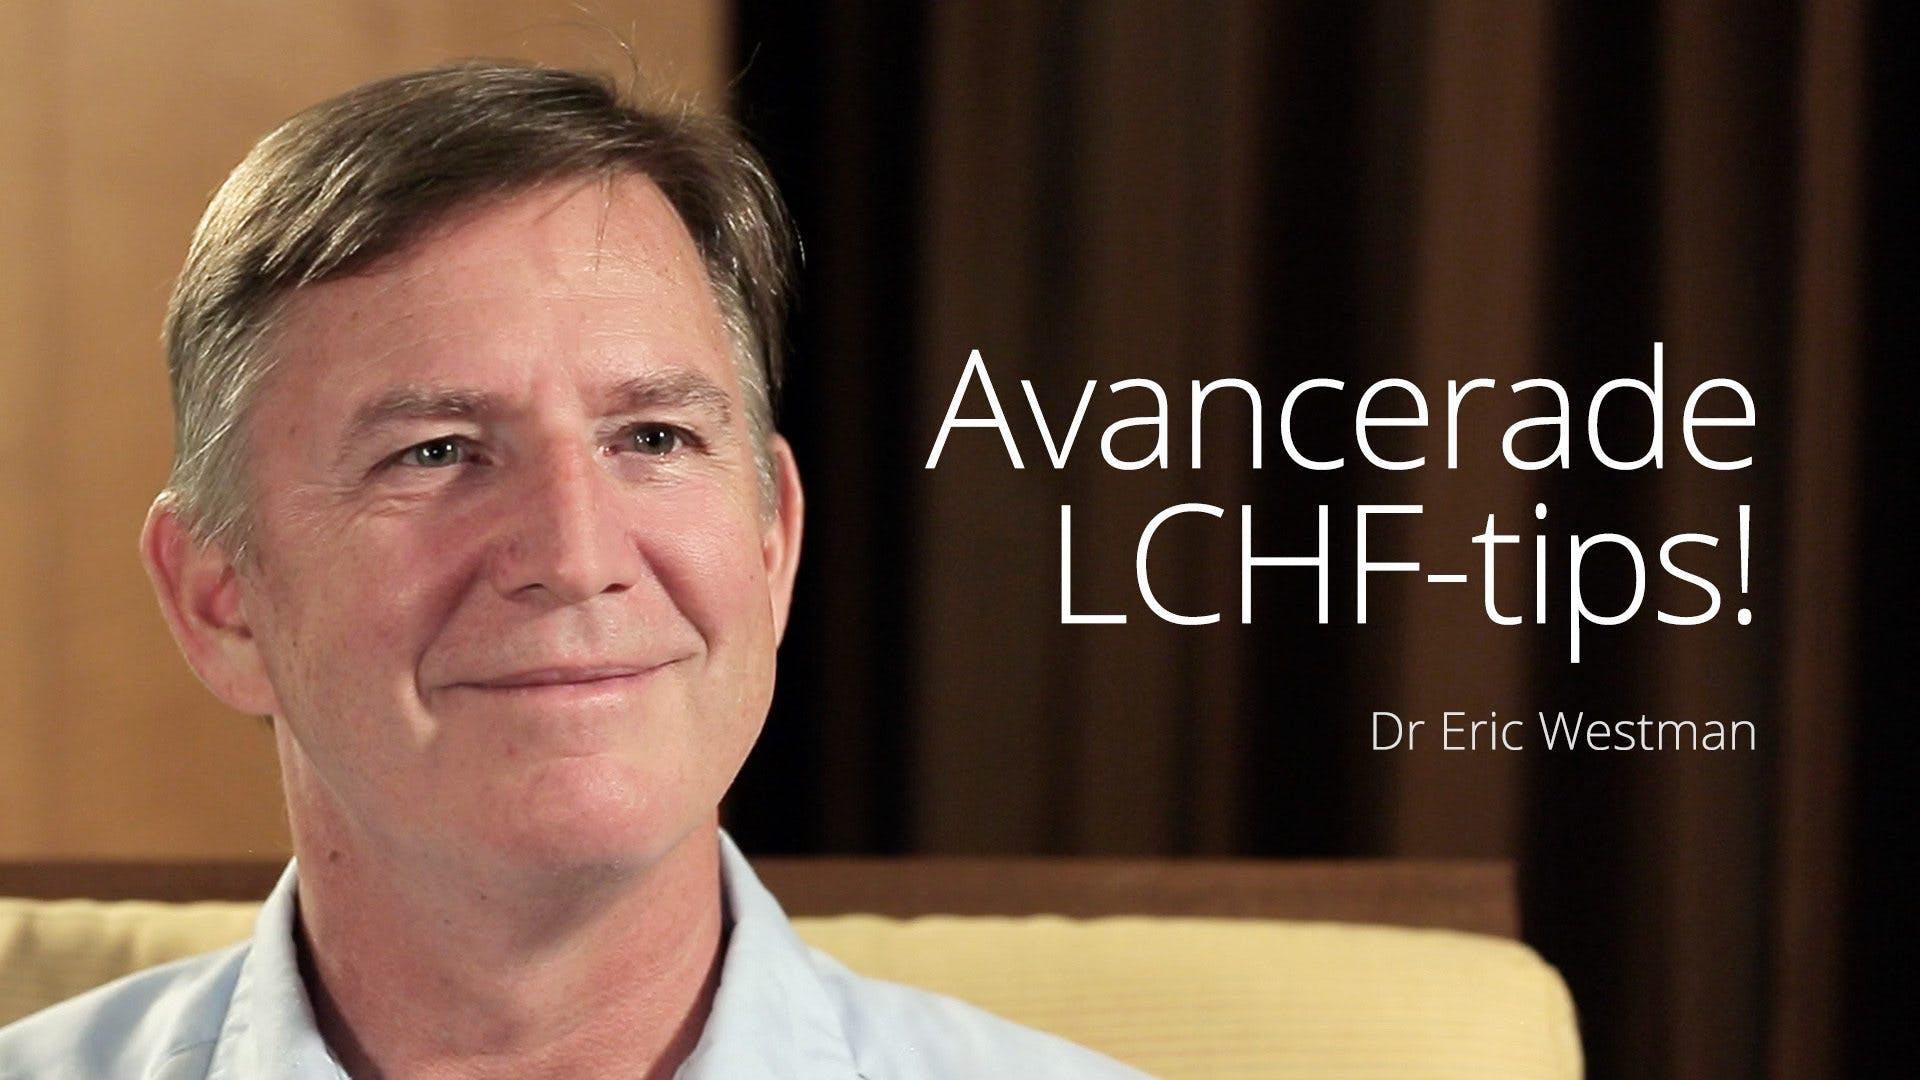 Avancerade LCHF-tips!